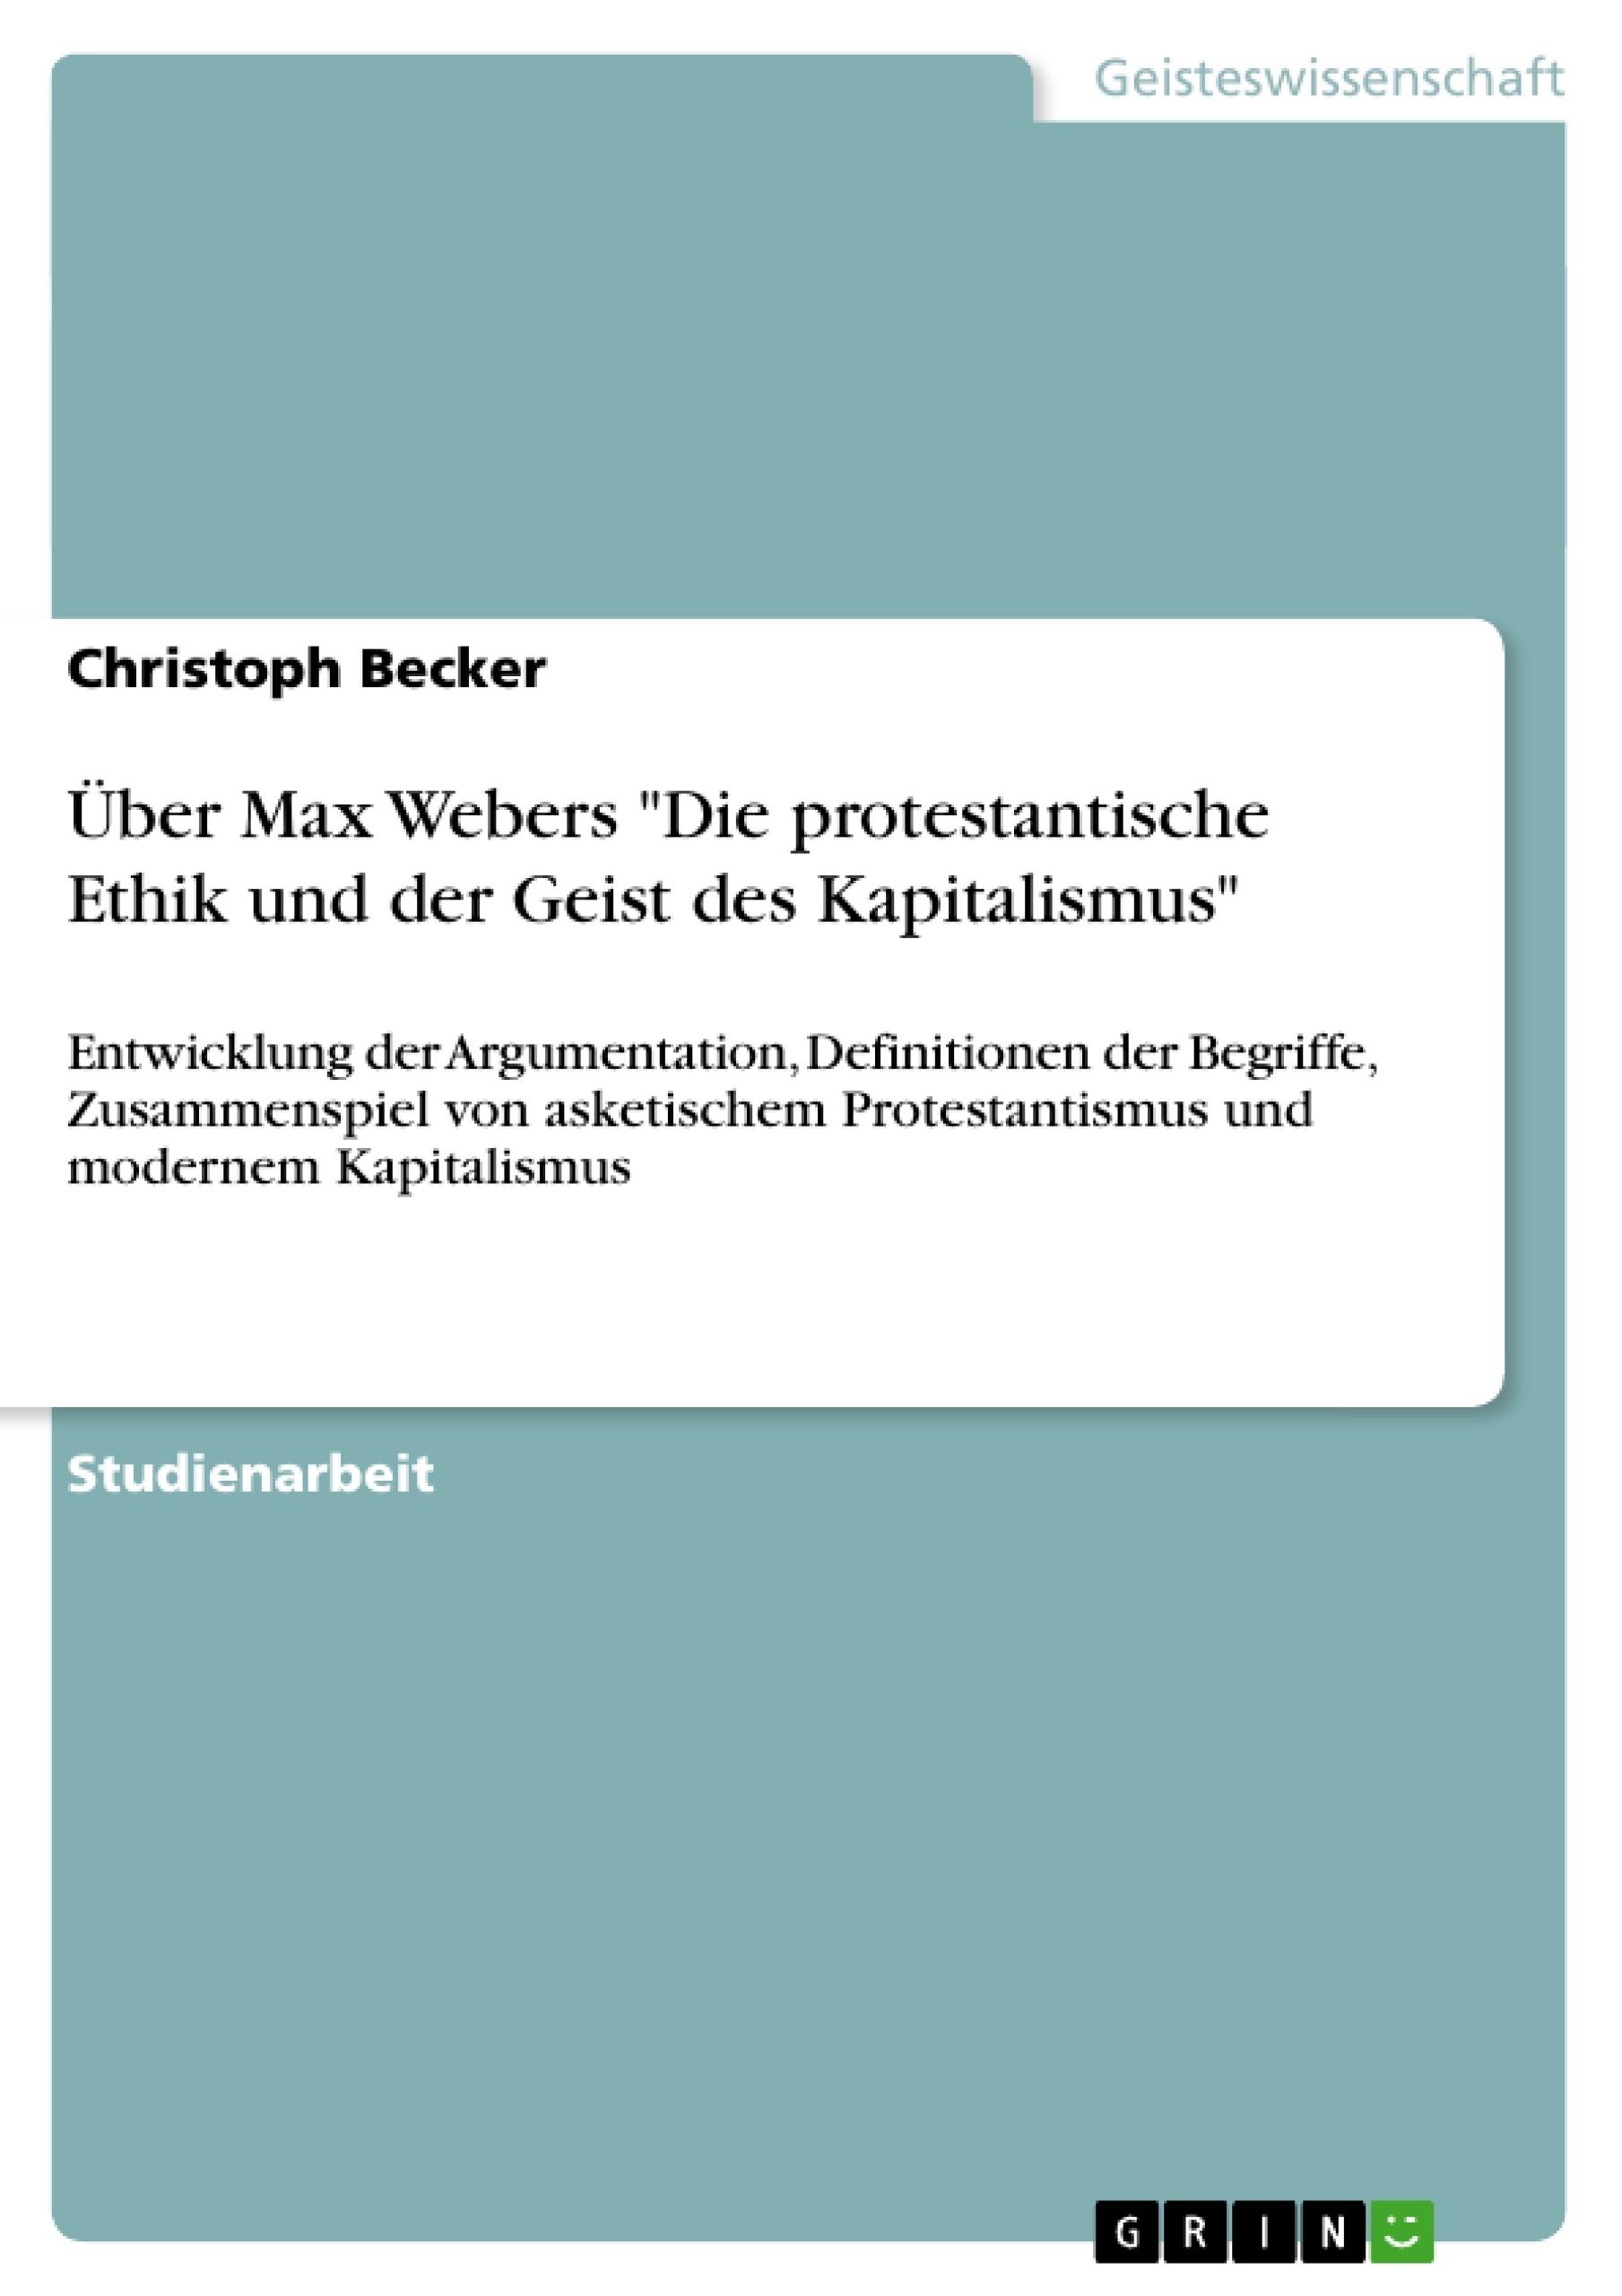 """Titel: Über Max Webers """"Die protestantische Ethik und der Geist des Kapitalismus"""""""